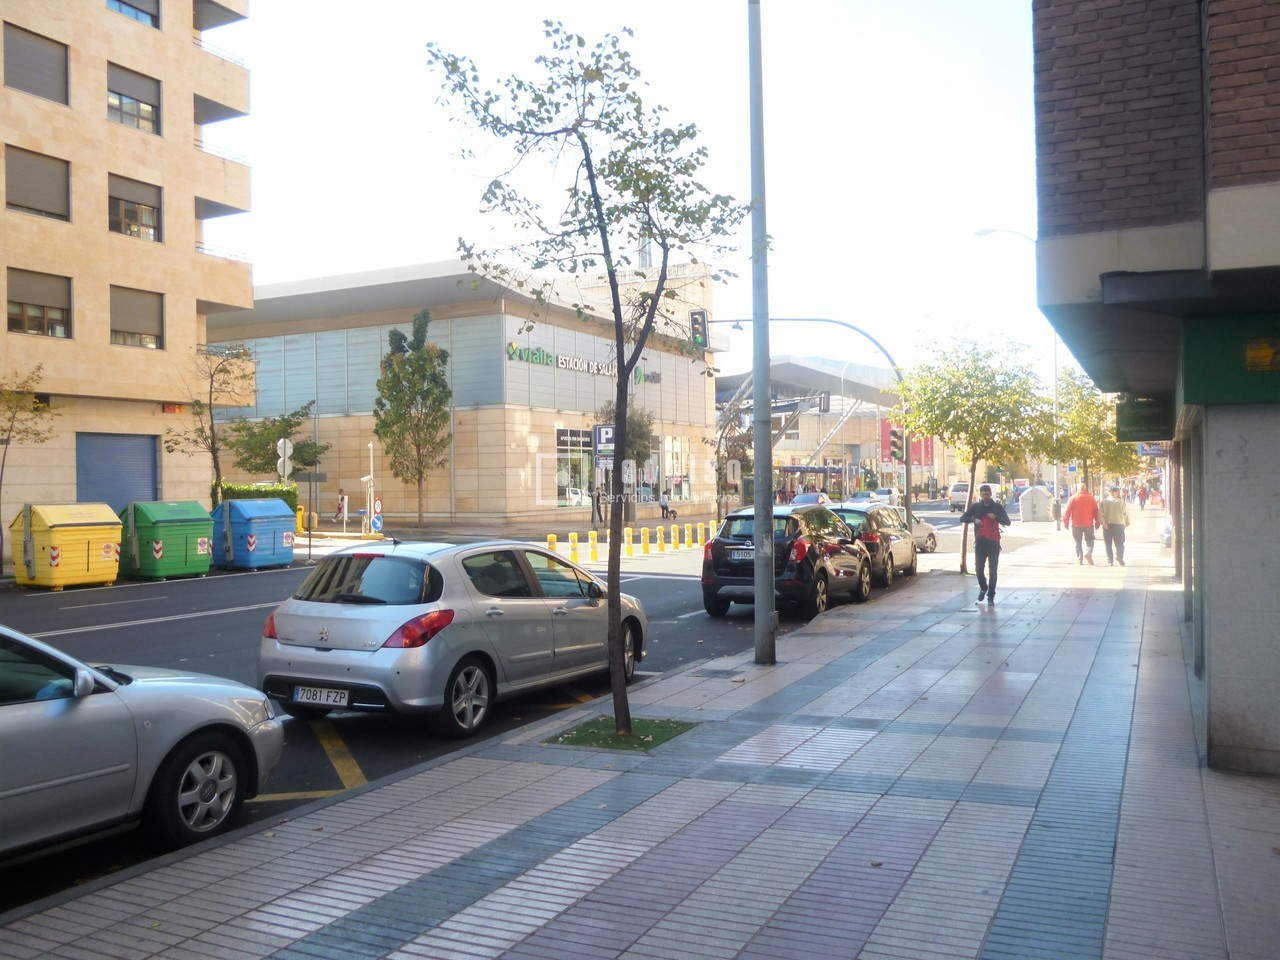 Plaza de garaje en venta en paseo estacion garrido - Comprar plaza de garaje ...